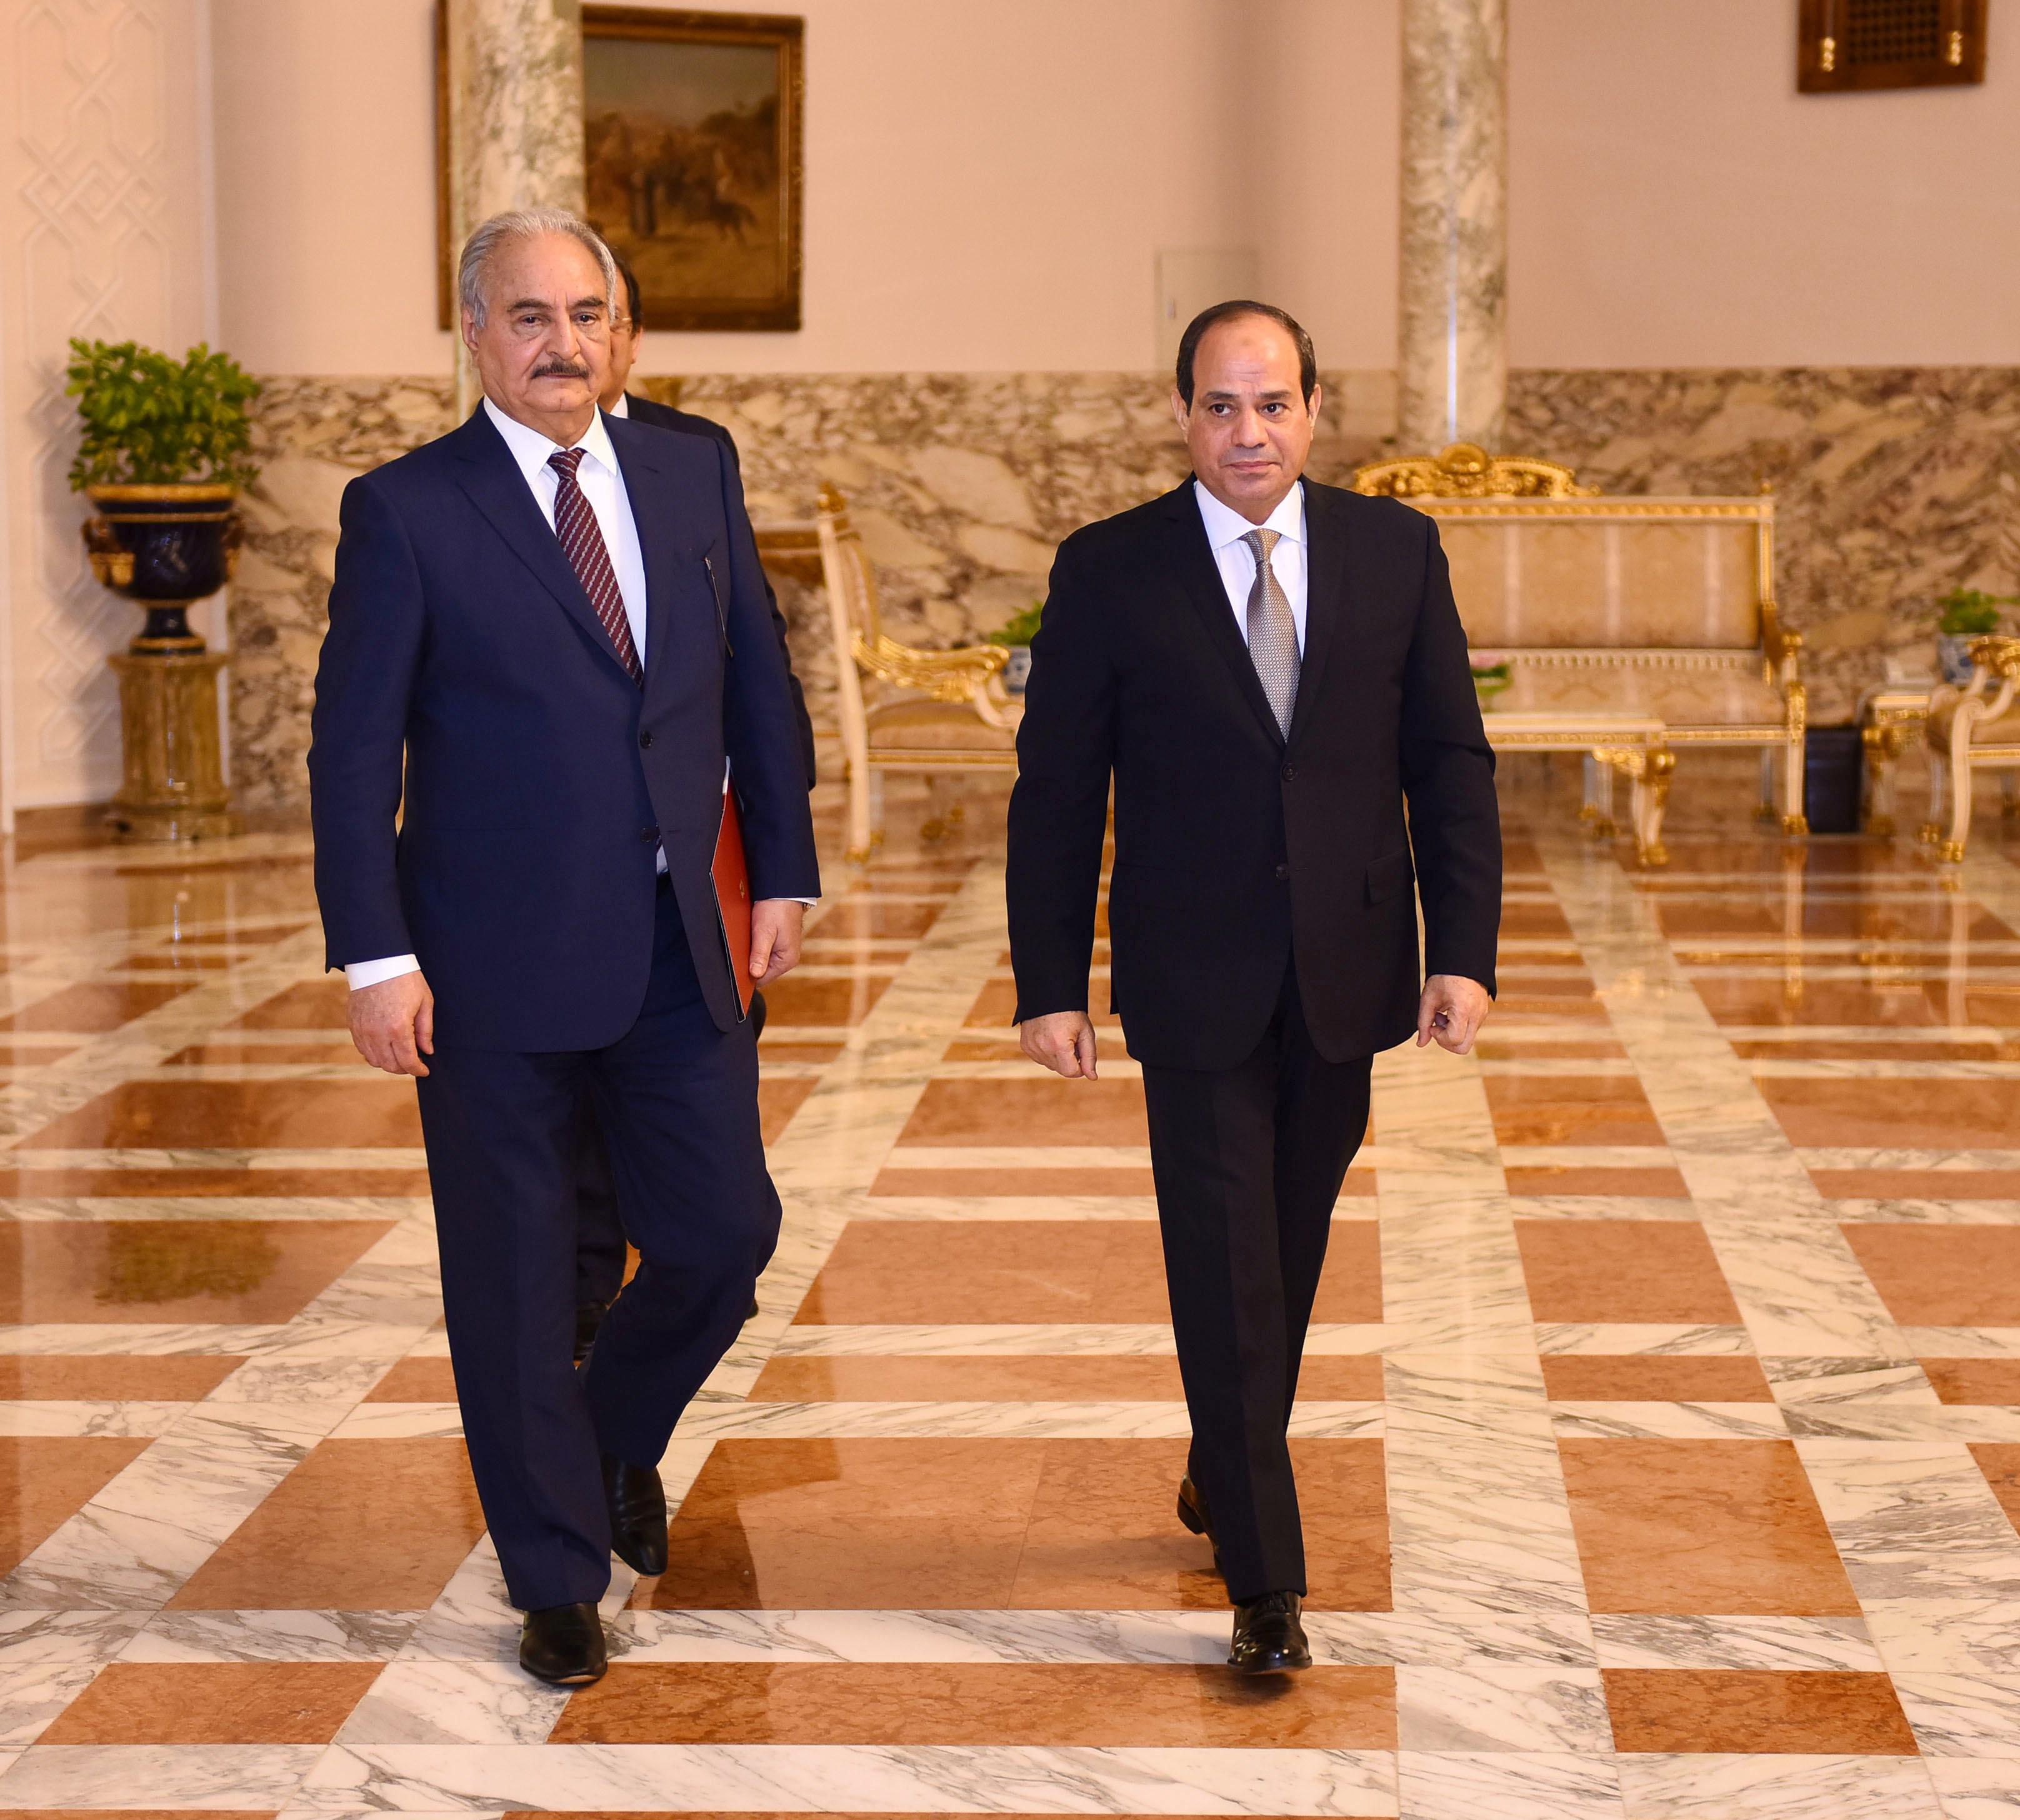 مصر وإلامارات يدعمان حفتر في مواجهة حكومة الوفاق